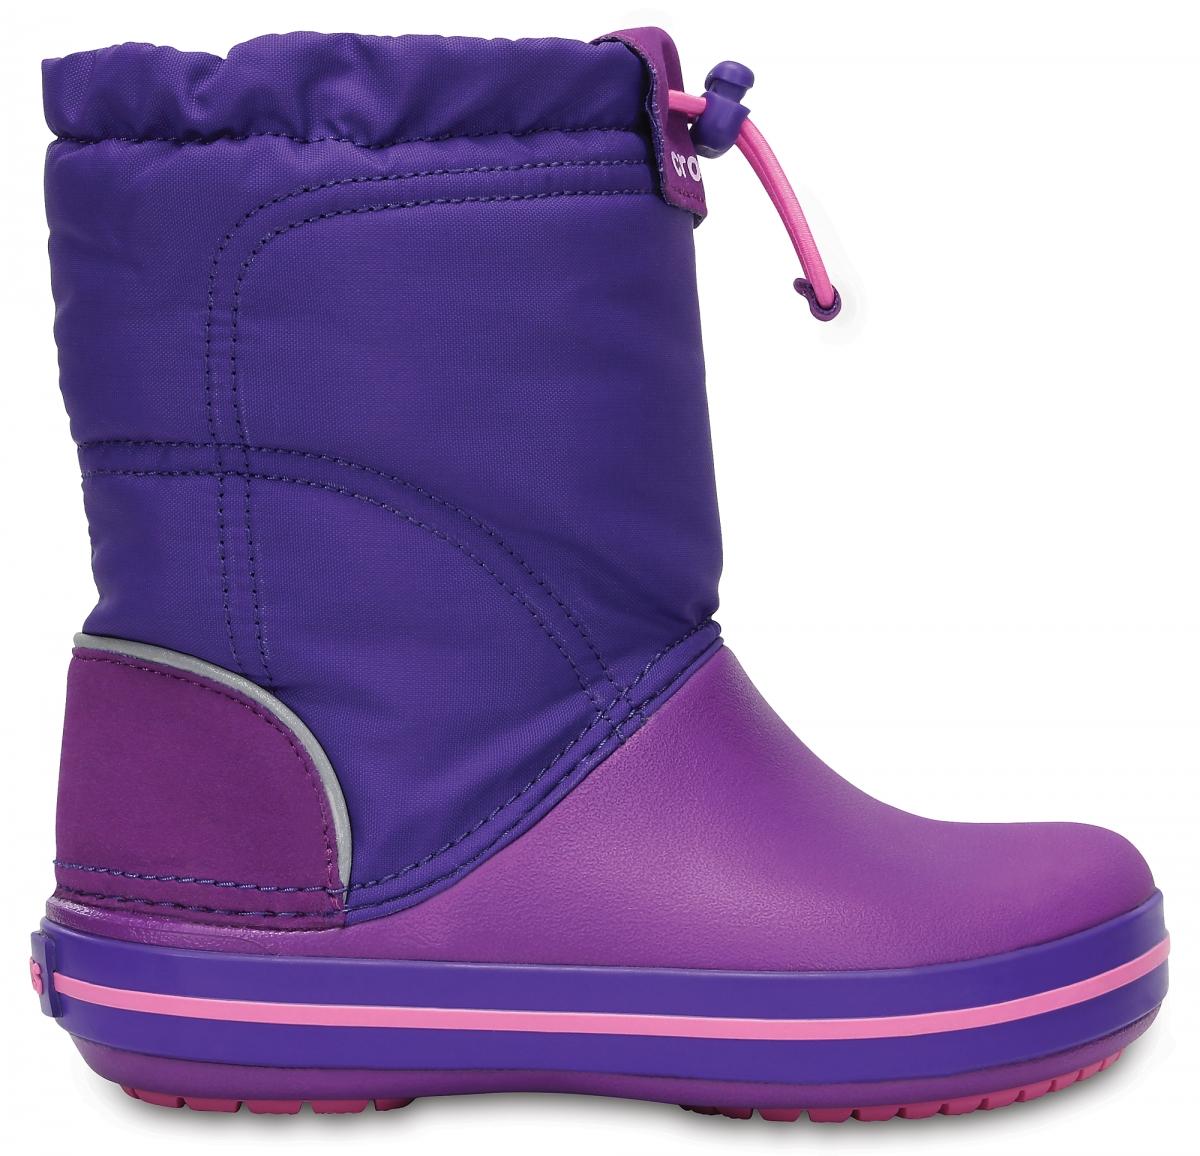 Crocs Crocband LodgePoint Boot Kids - Amethyst/Ultraviolet, J3 (34-35)